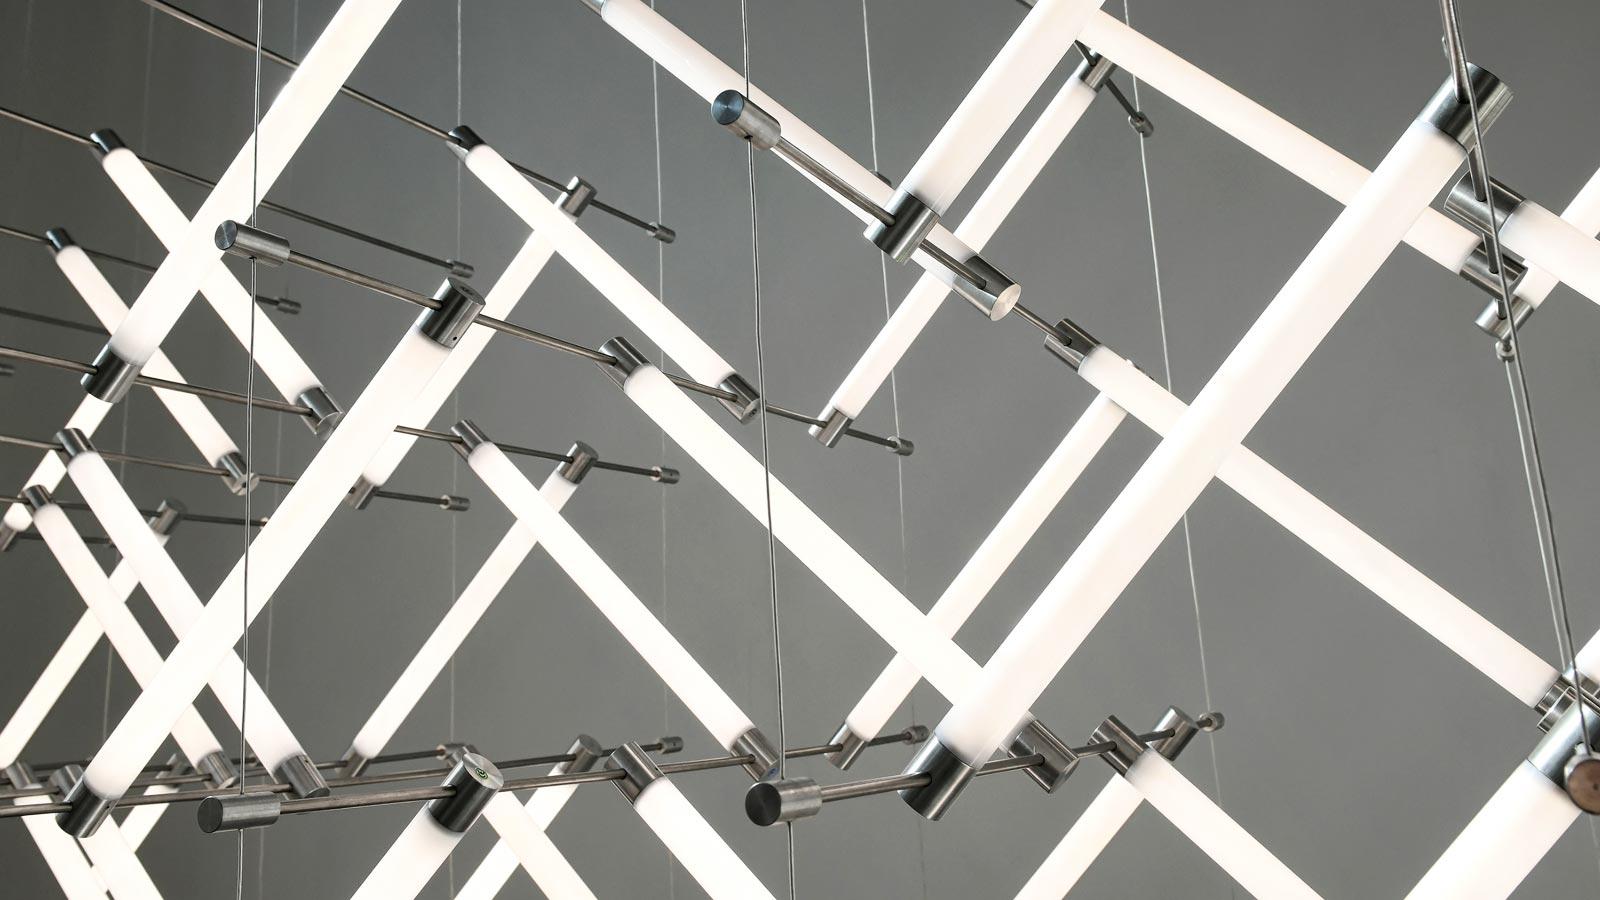 cignoli-elettroforniture-installazione-industriale-automazione-illuminazione-72